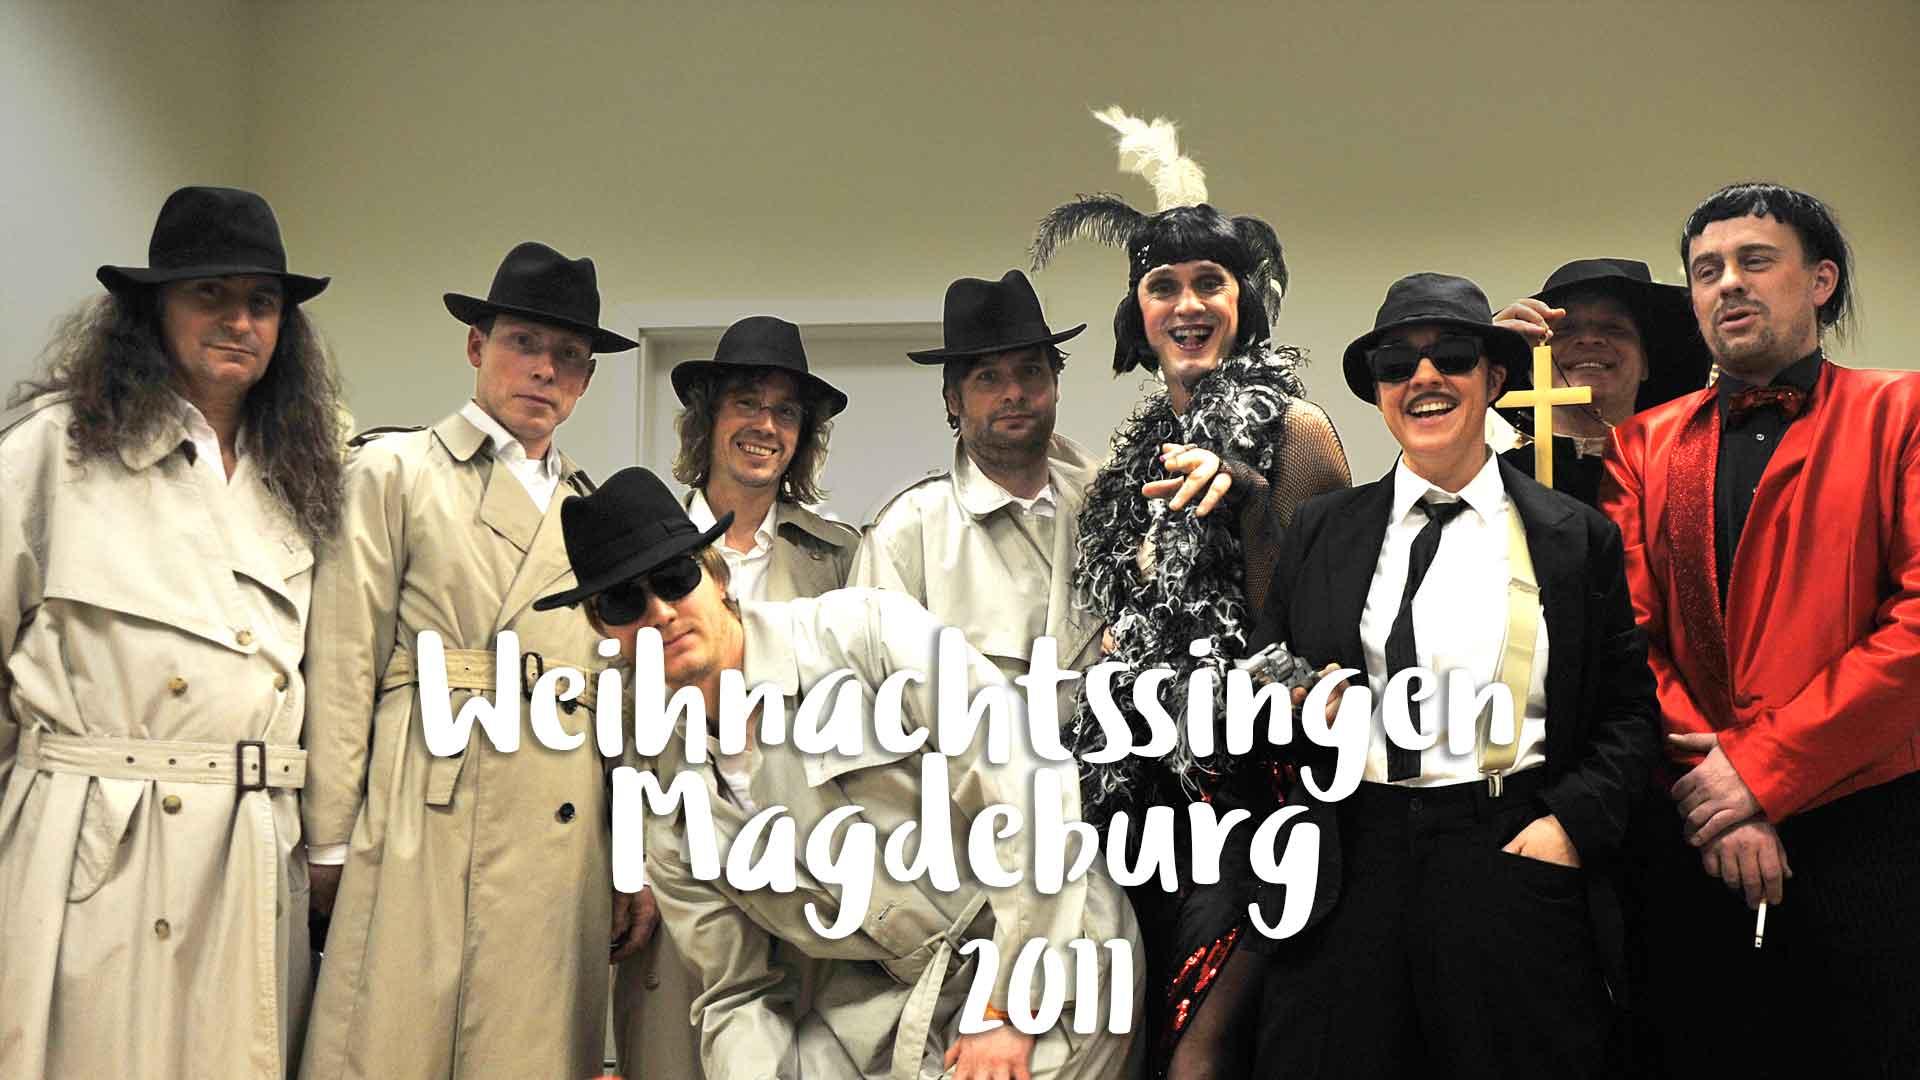 Weihnachtssingen Magdeburg 2011